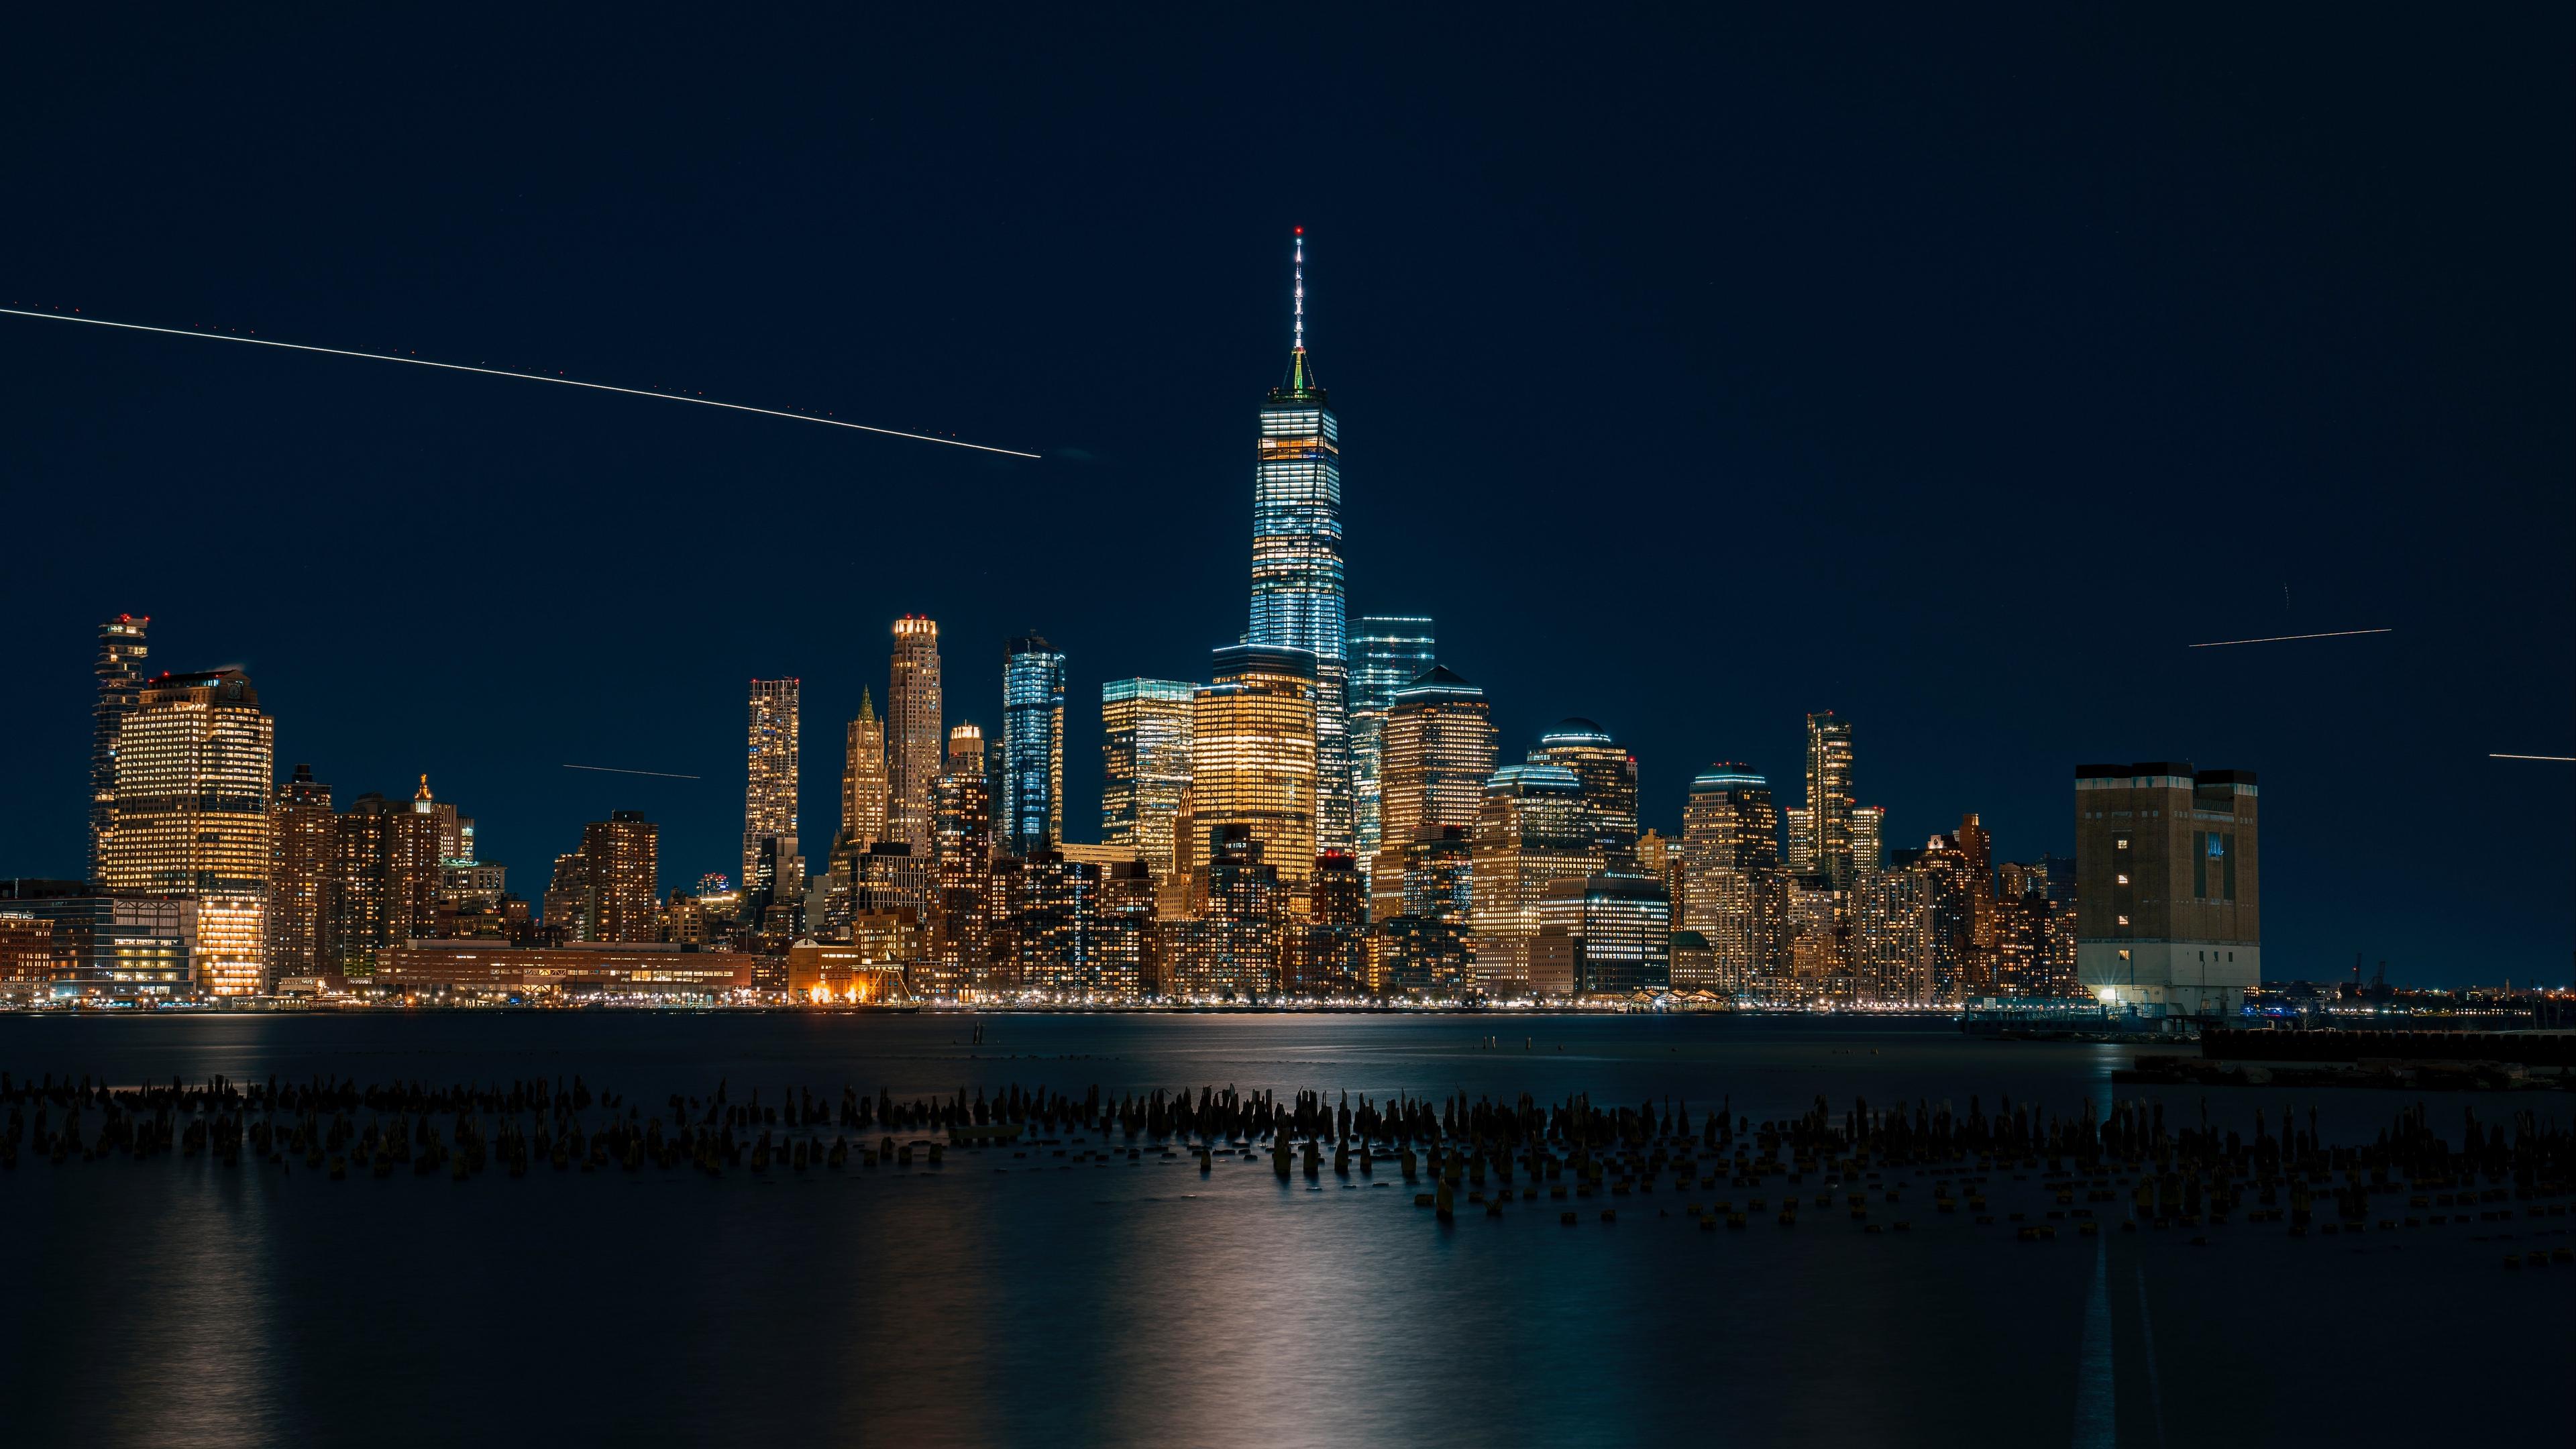 new york usa night city panorama skyscrapers beach 4k 1538068007 - new york, usa, night city, panorama, skyscrapers, beach 4k - USA, night city, new york